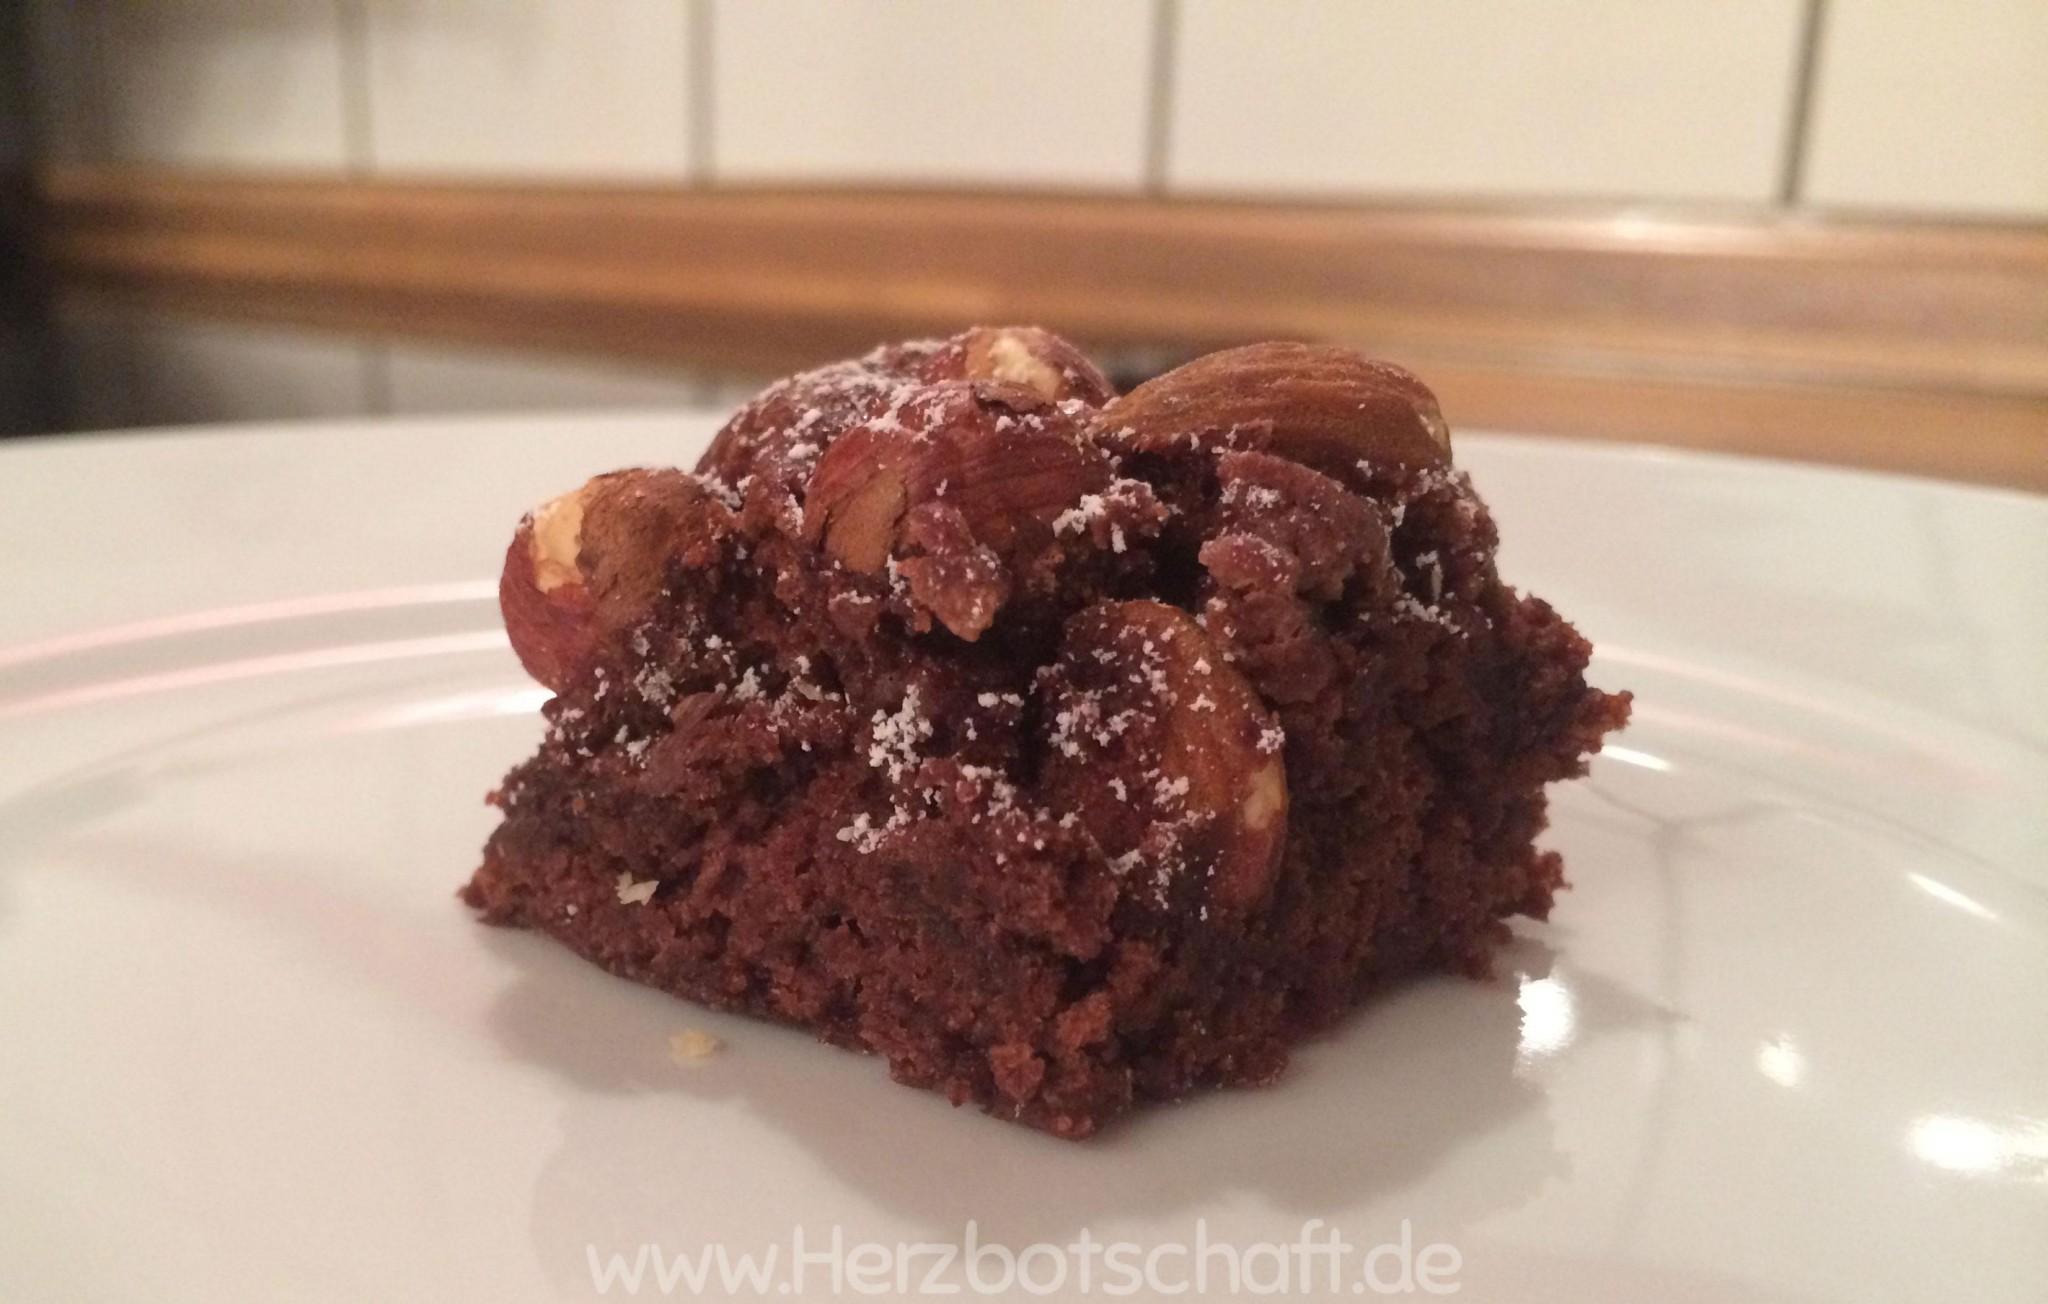 schokoladenbrot-mit-nuessen-selbstgemacht-rezept